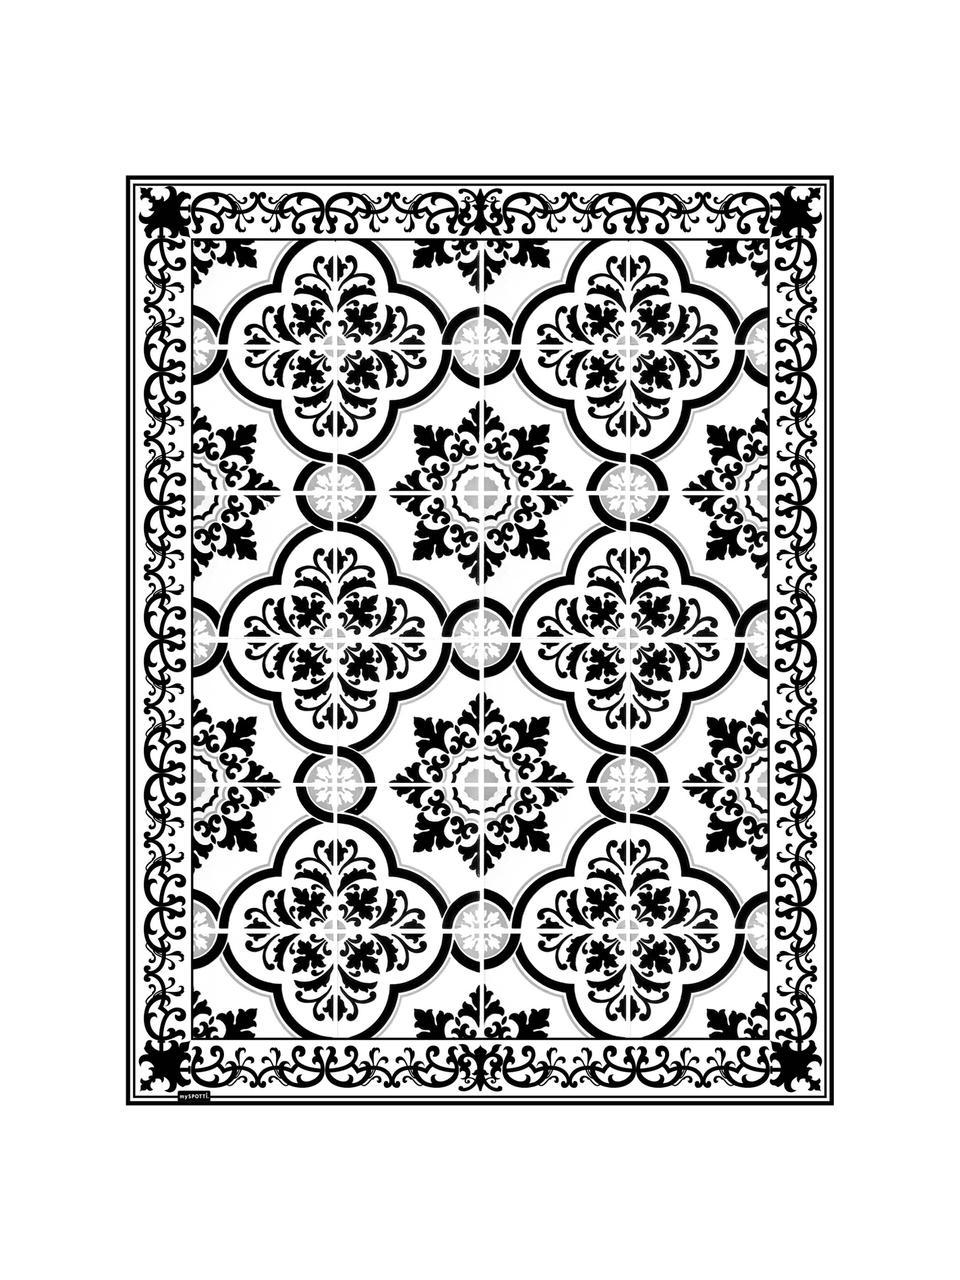 Vlakke vinyl vloermat Elena in zwart en wit, antislip, Recyclebaar vinyl, Zwart, wit, grijs, 65 x 85 cm